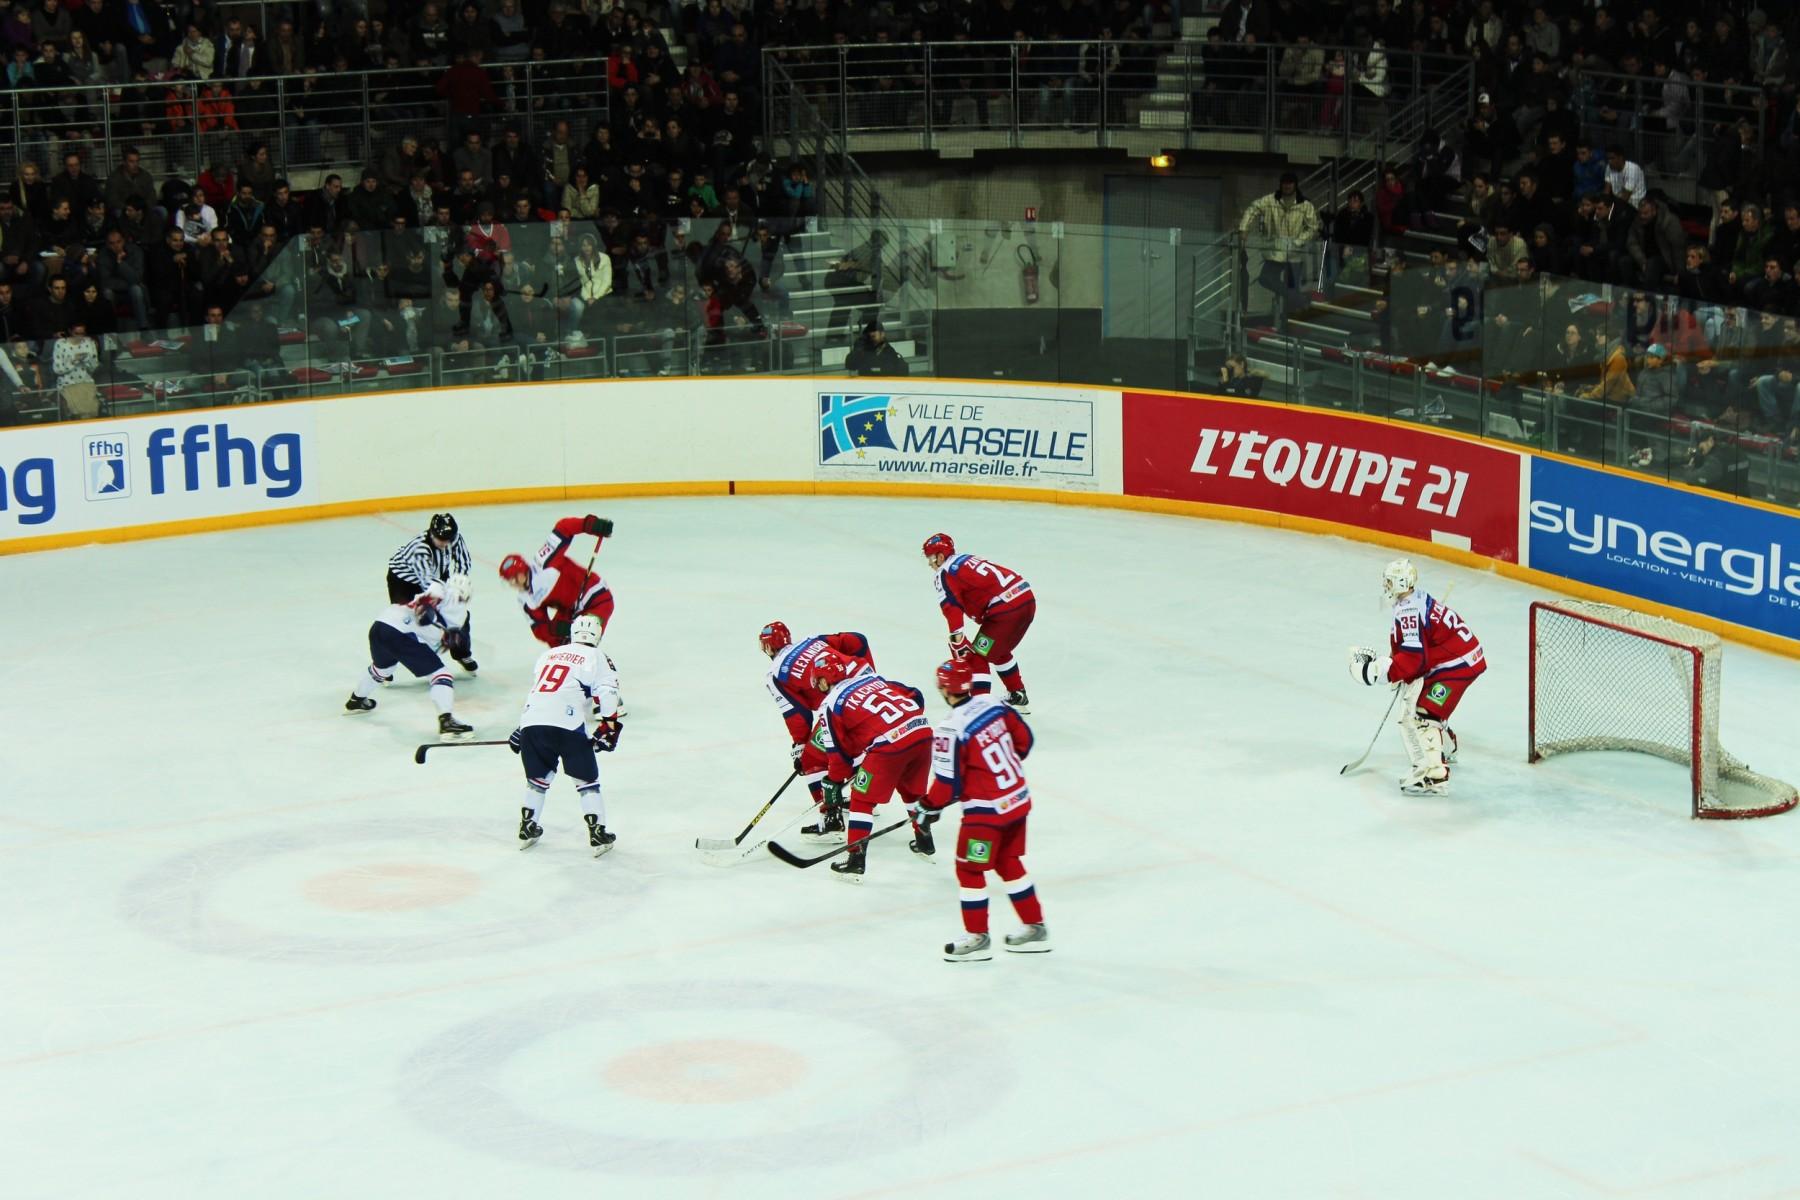 La Russie est 3e au rang mondial, et quadruple championne du monde. Photos ©AL